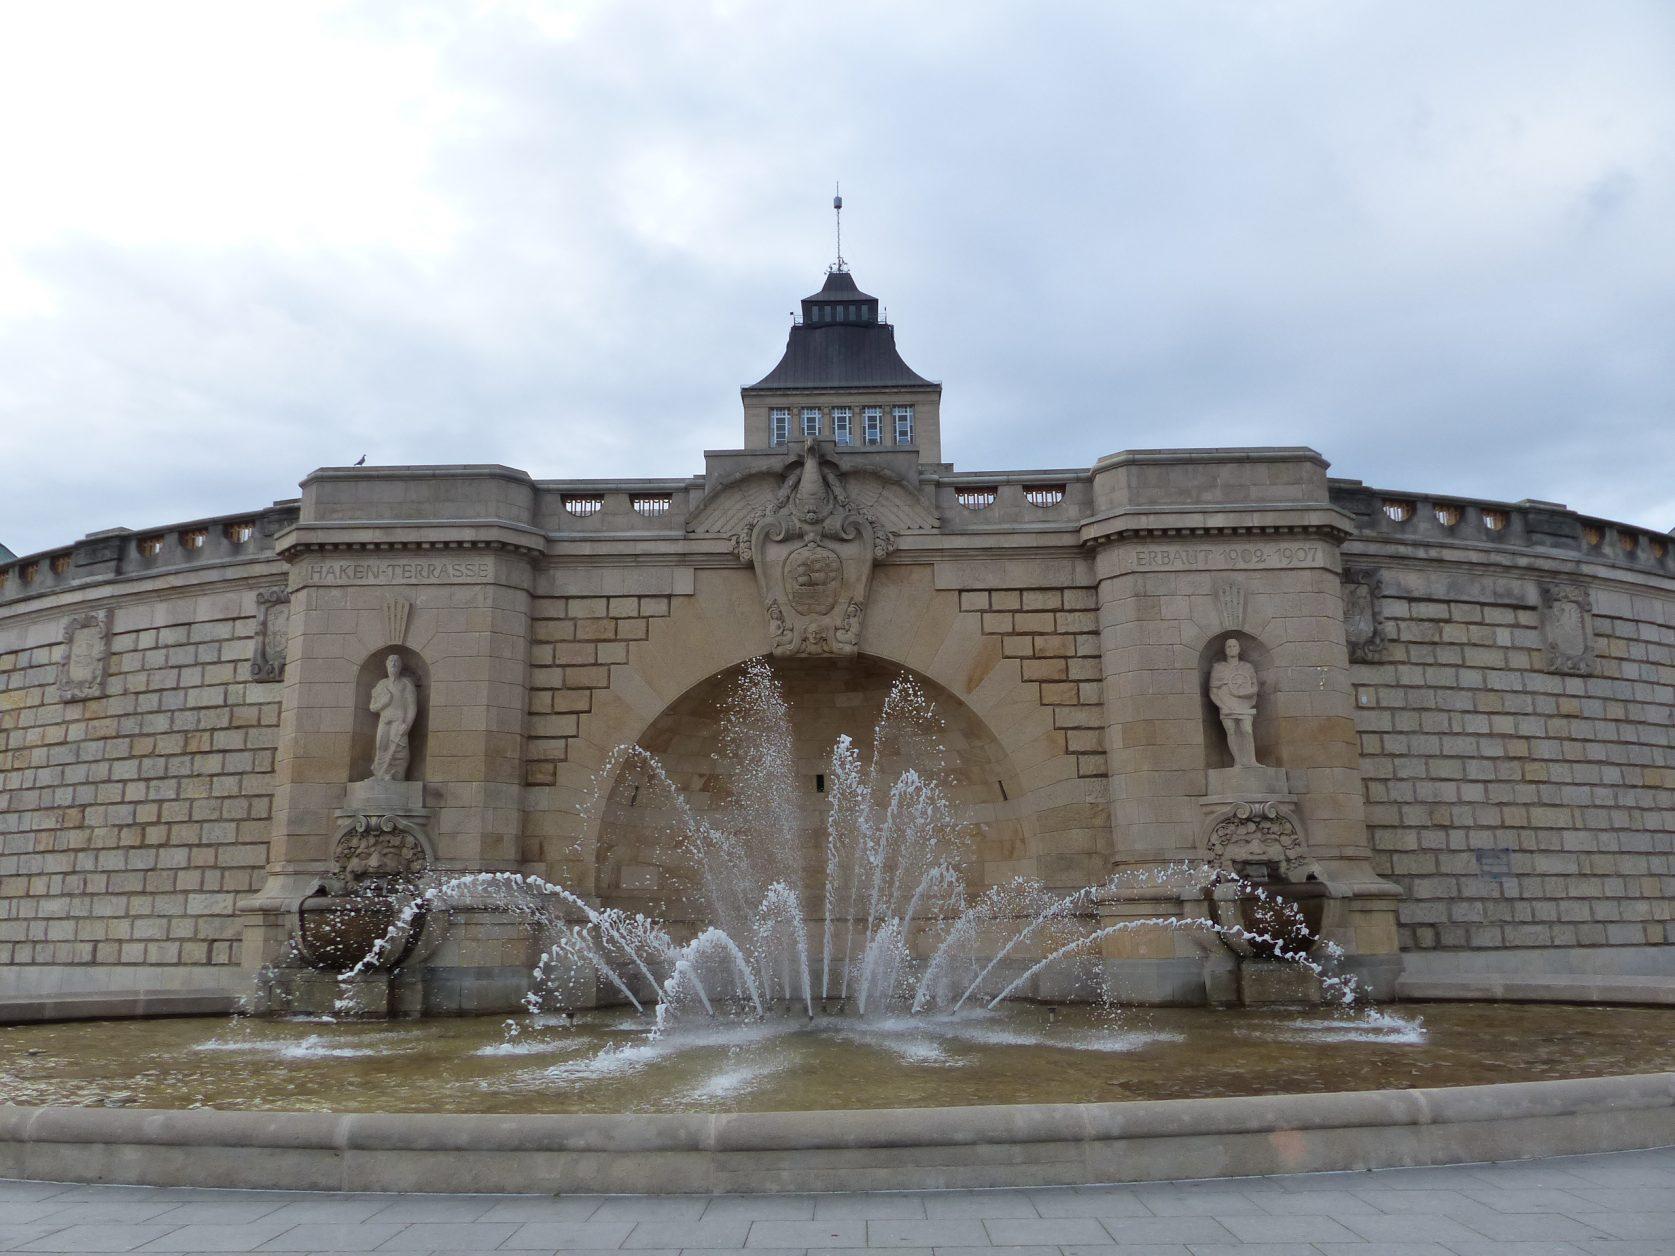 Der von Ludwig Manzel geschaffene Brunnen auf der Hakenterrasse in Stettin.